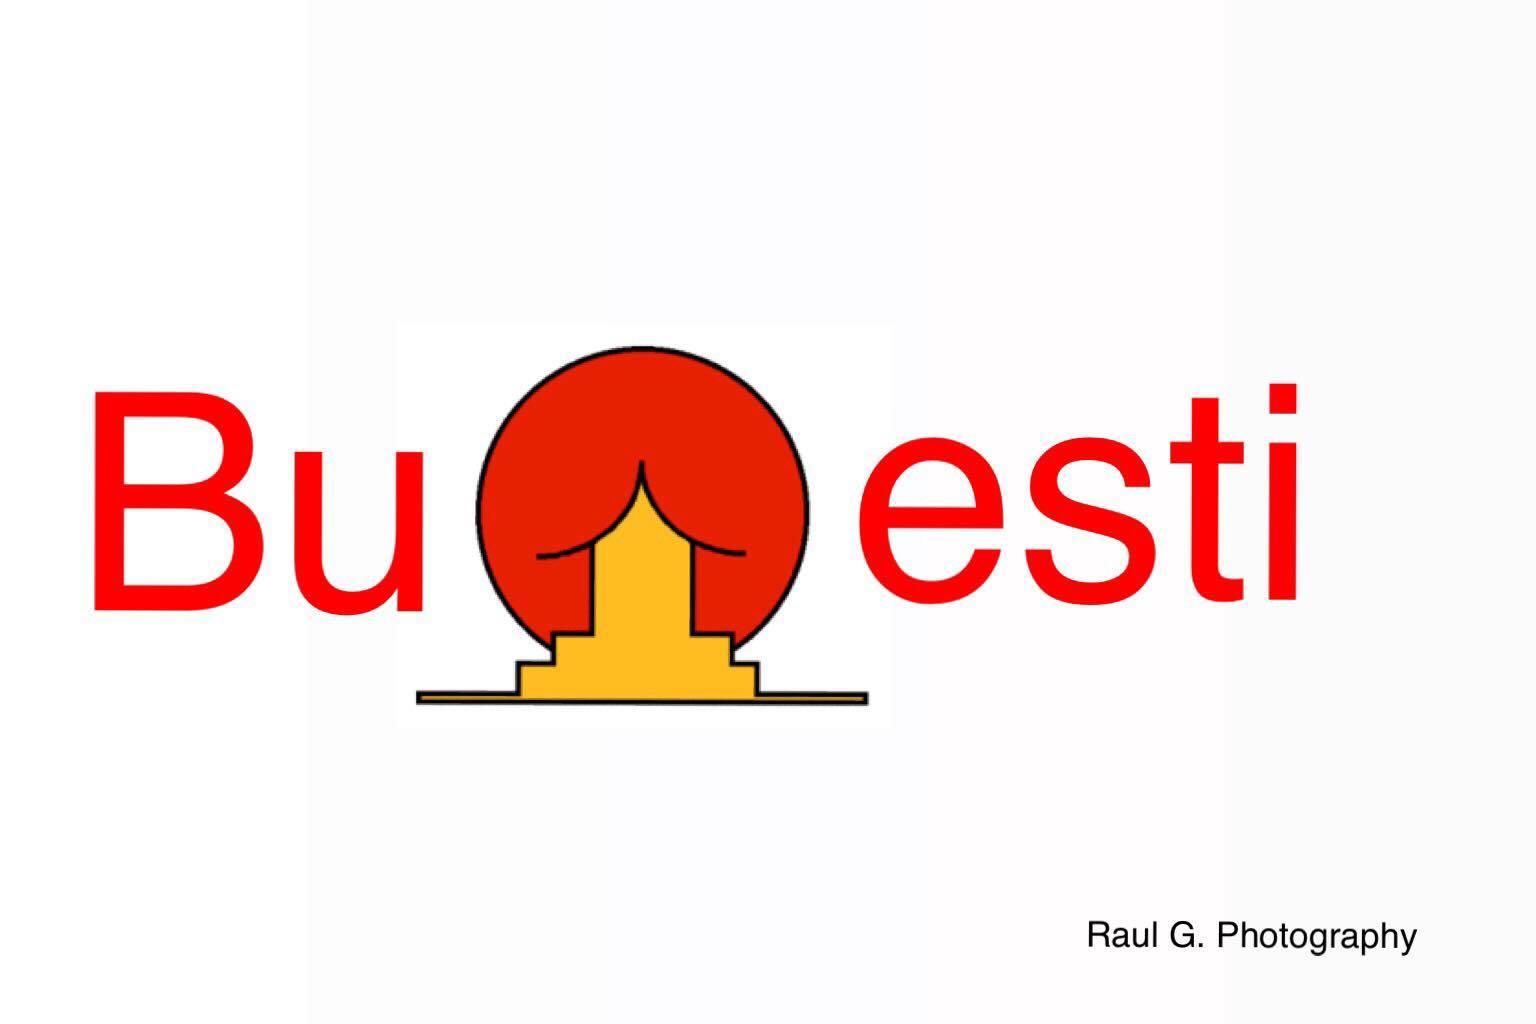 Se mai primesc propuneri de siglă pentru BuCURești?